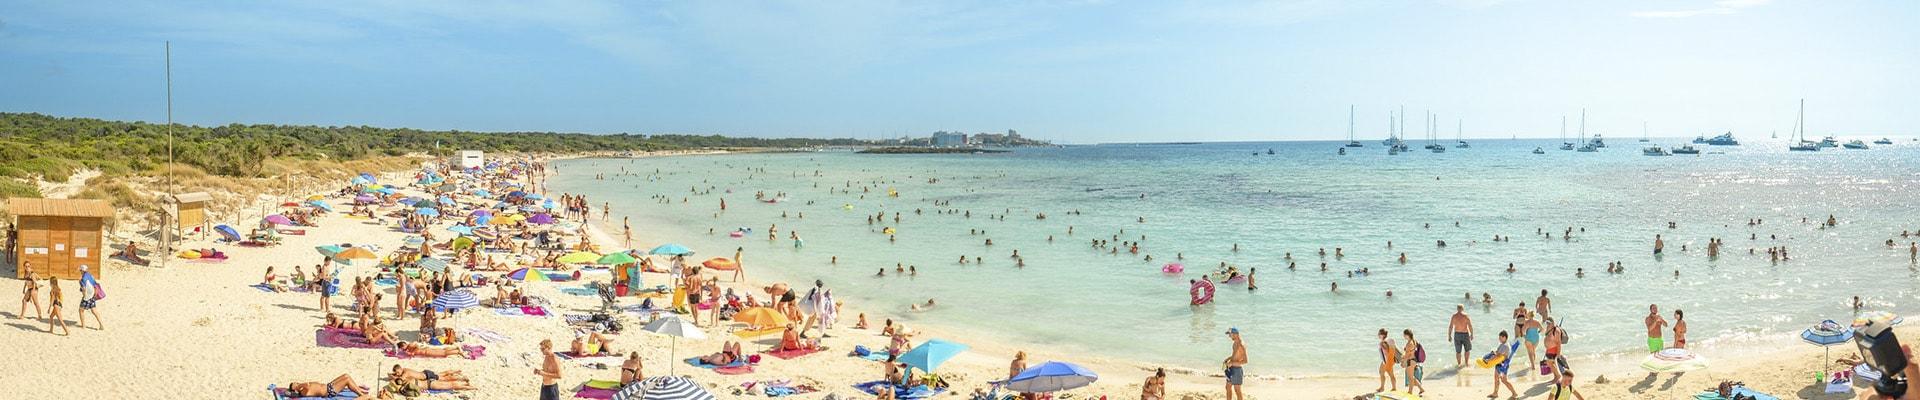 Фото Лучший пляж Майорки Эс Тренк С белым песочком